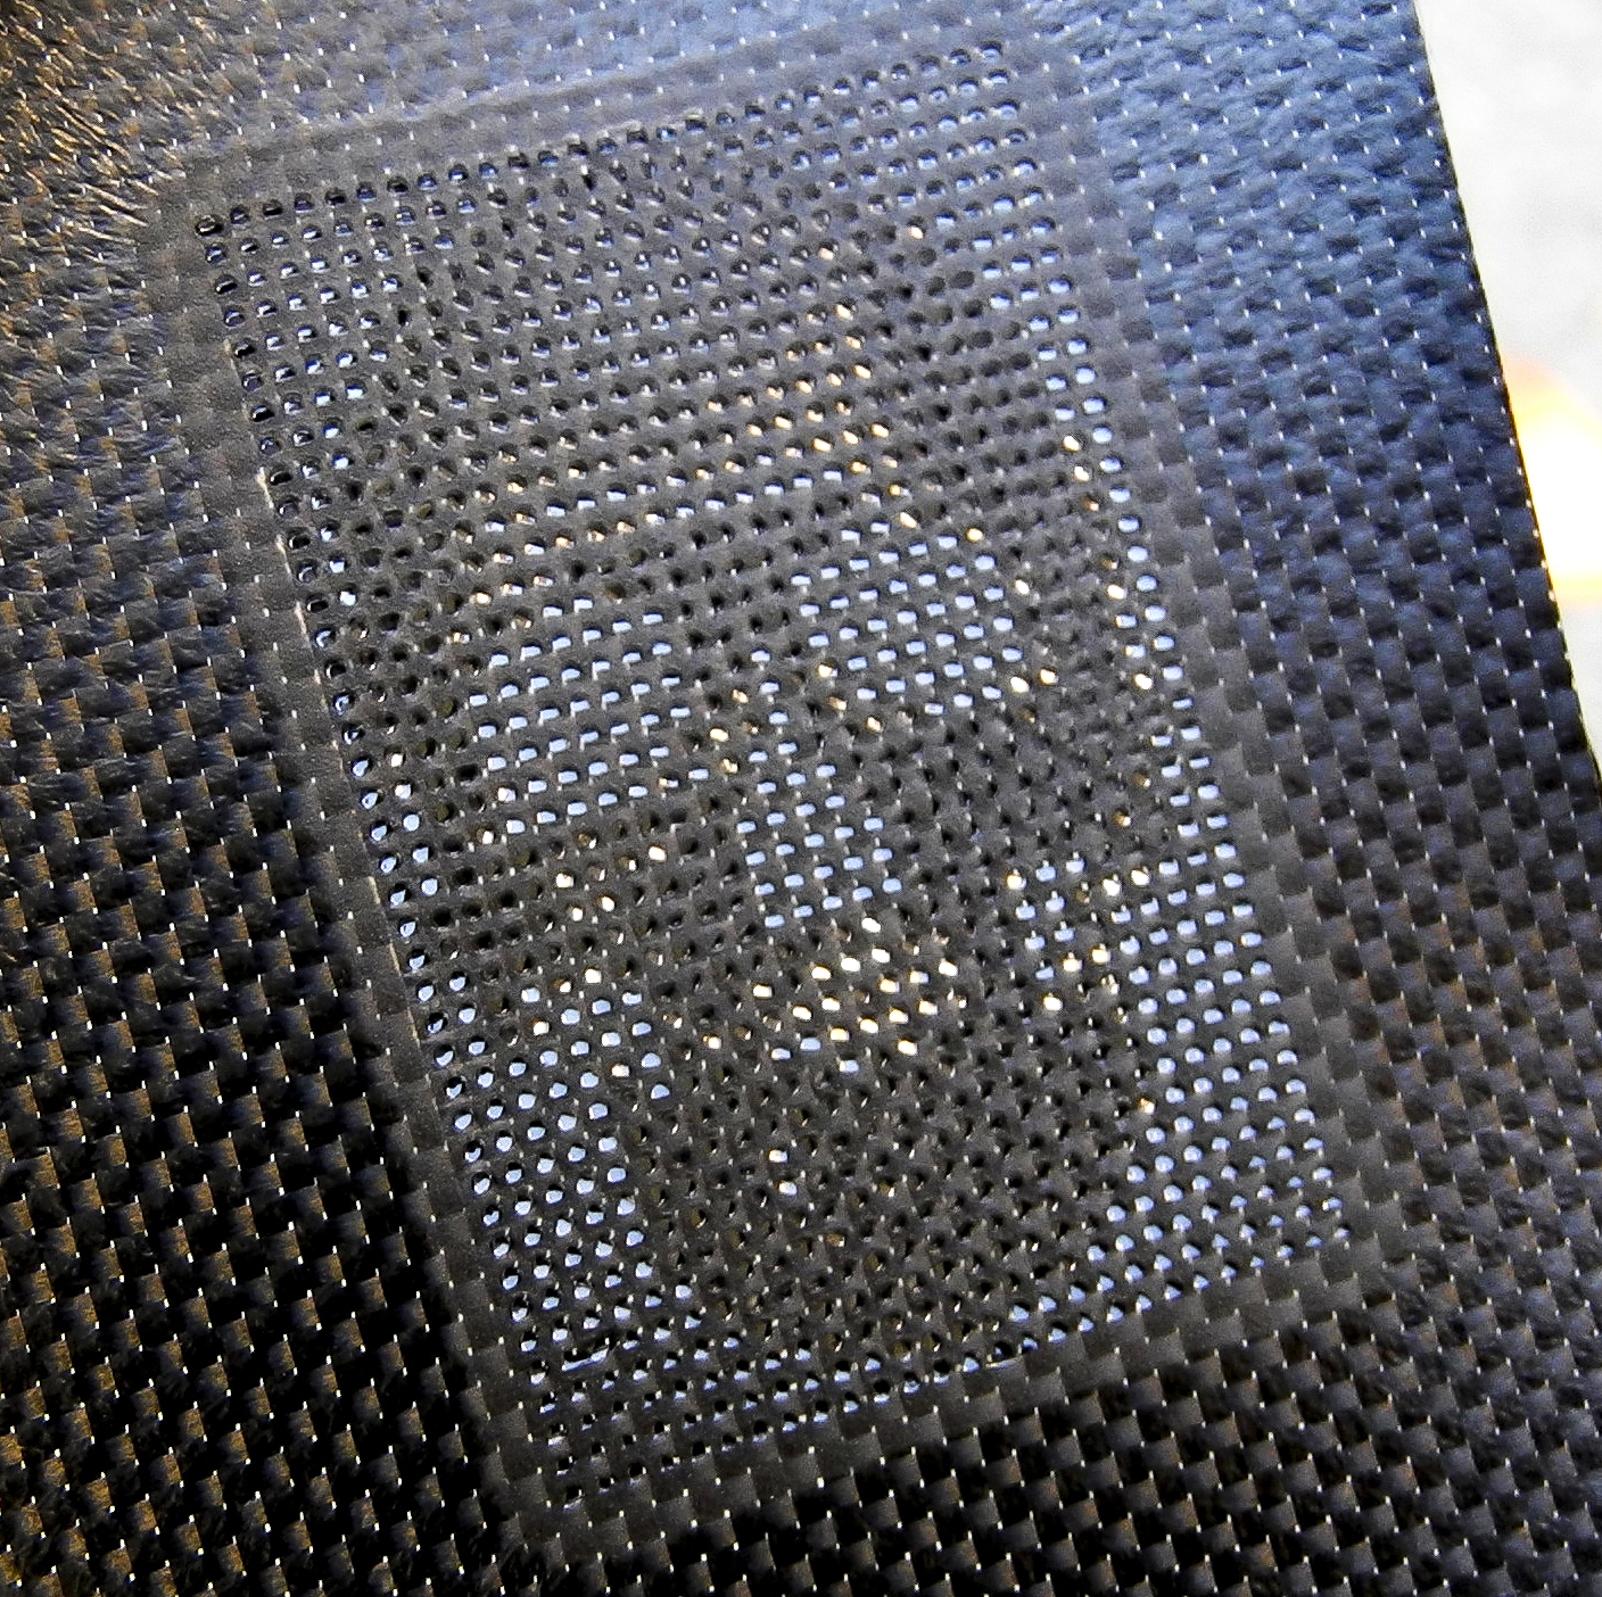 Ombrae_skull-carbon-fibre-2-web